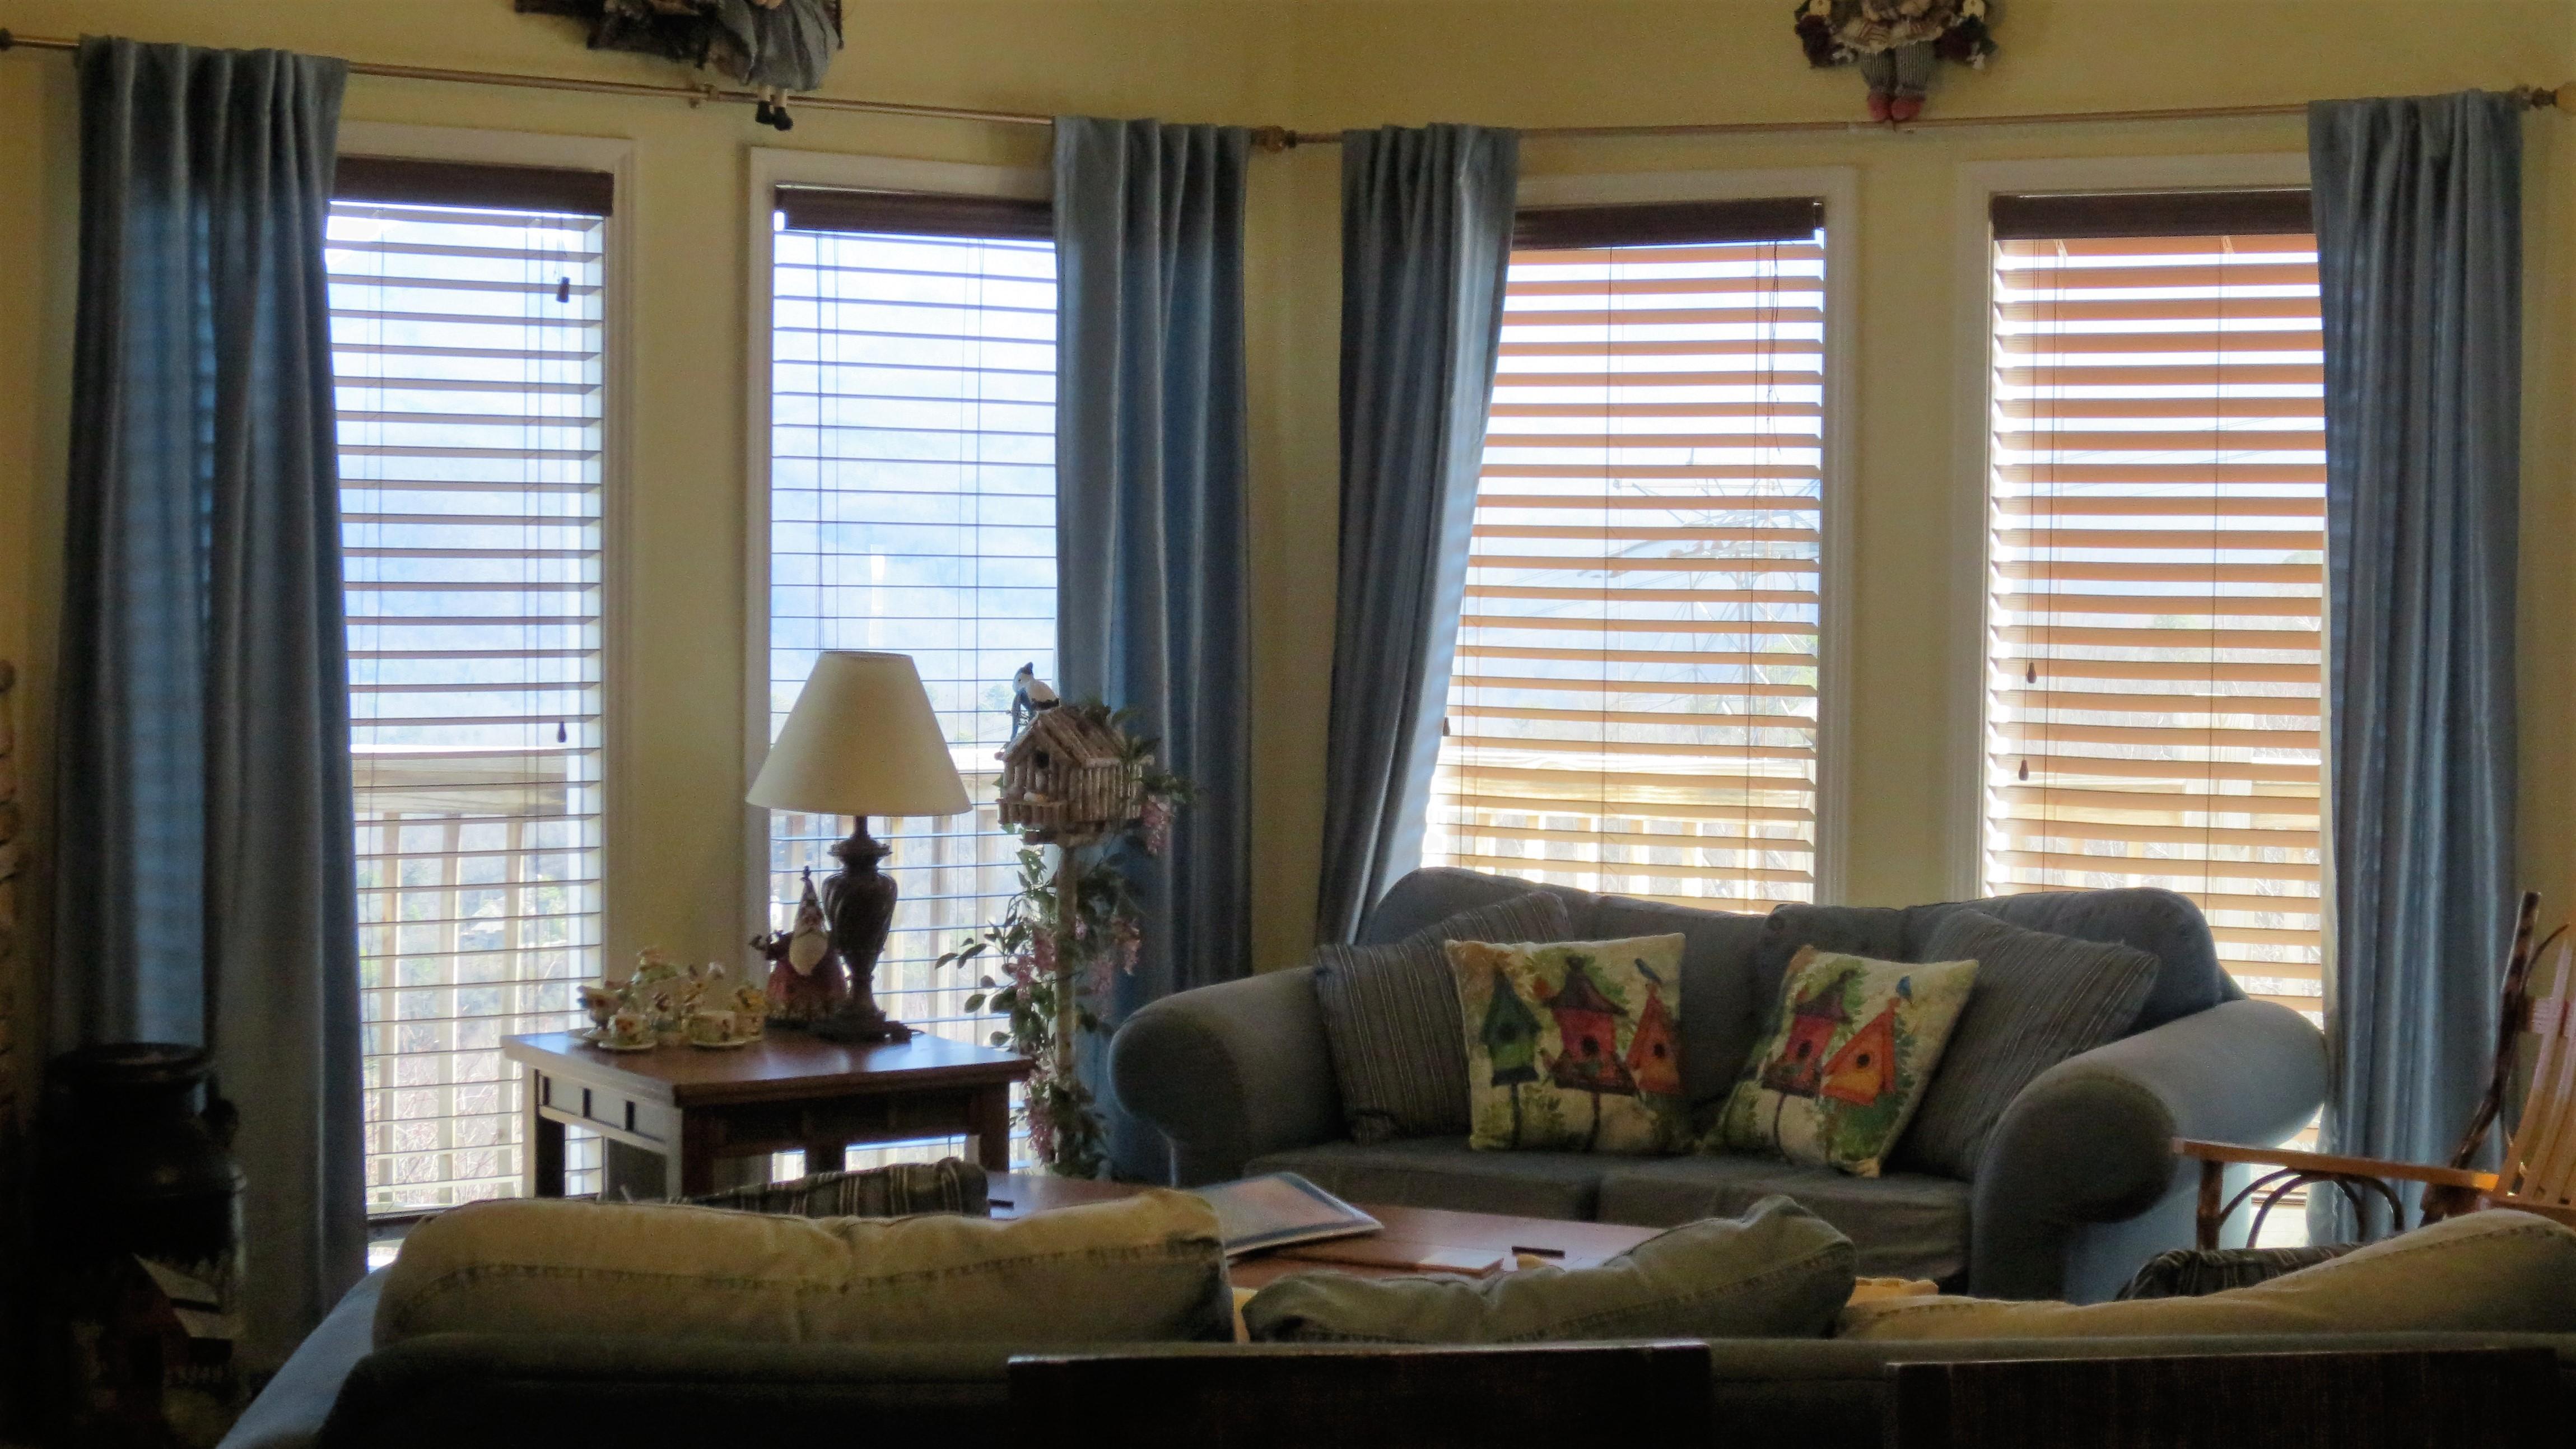 50 birdhouse inn 4 bedroom 4 bath chalet in gatlinburg living room